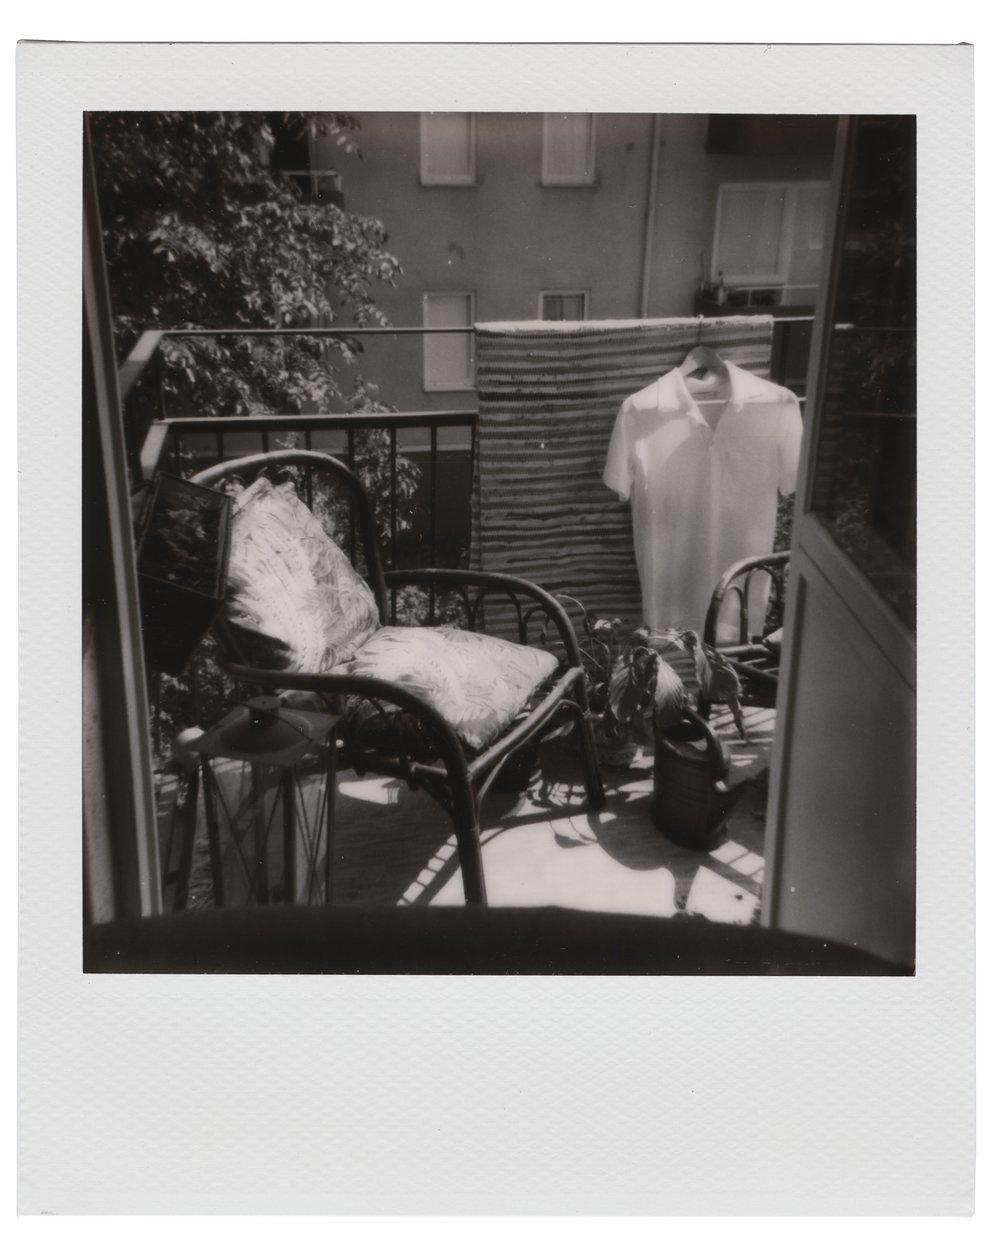 - Prästgårdsgatan, June 1 2018 (Polaroid 600) Thobias Malmberg